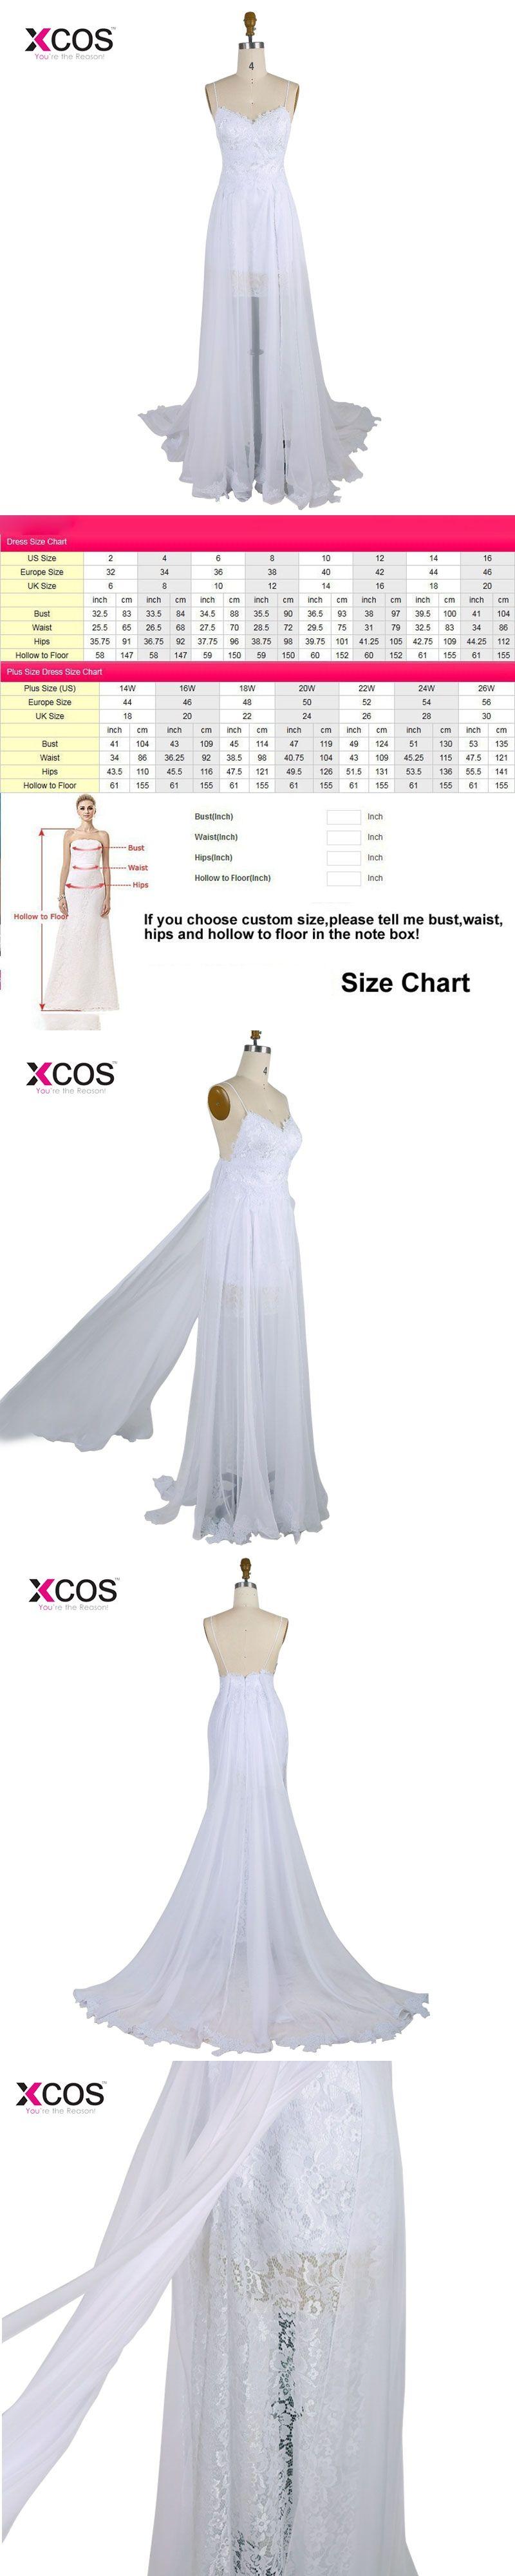 Spaghetti strap beach wedding dress boho cheap bohemian lace front